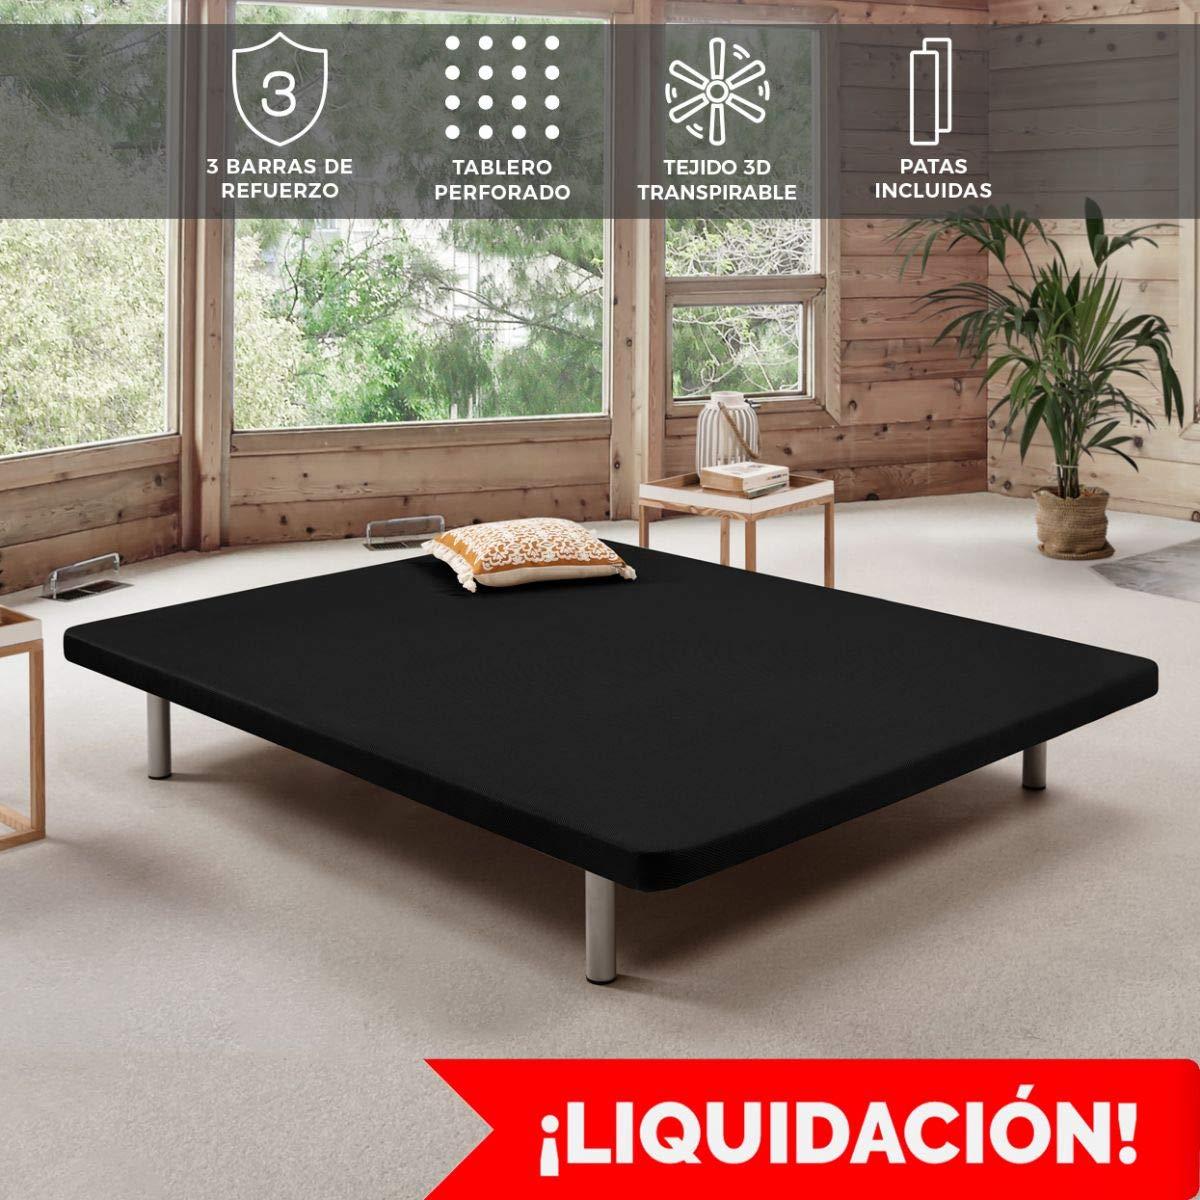 Komfortland Base tapizada 3D One Medida 90x200 cm Color Blanco (Patas 25 cm - Normales de Regalo): Amazon.es: Juguetes y juegos